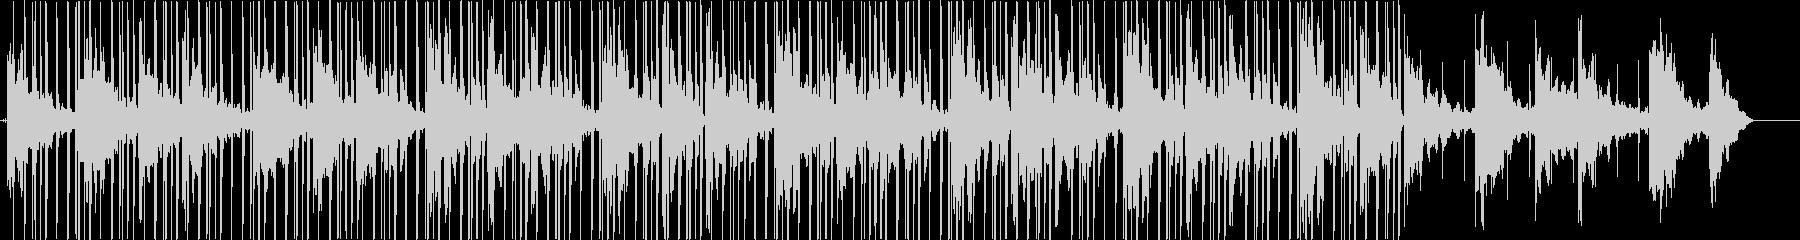 【チル】LoFi / オシャレ / 勉強の未再生の波形